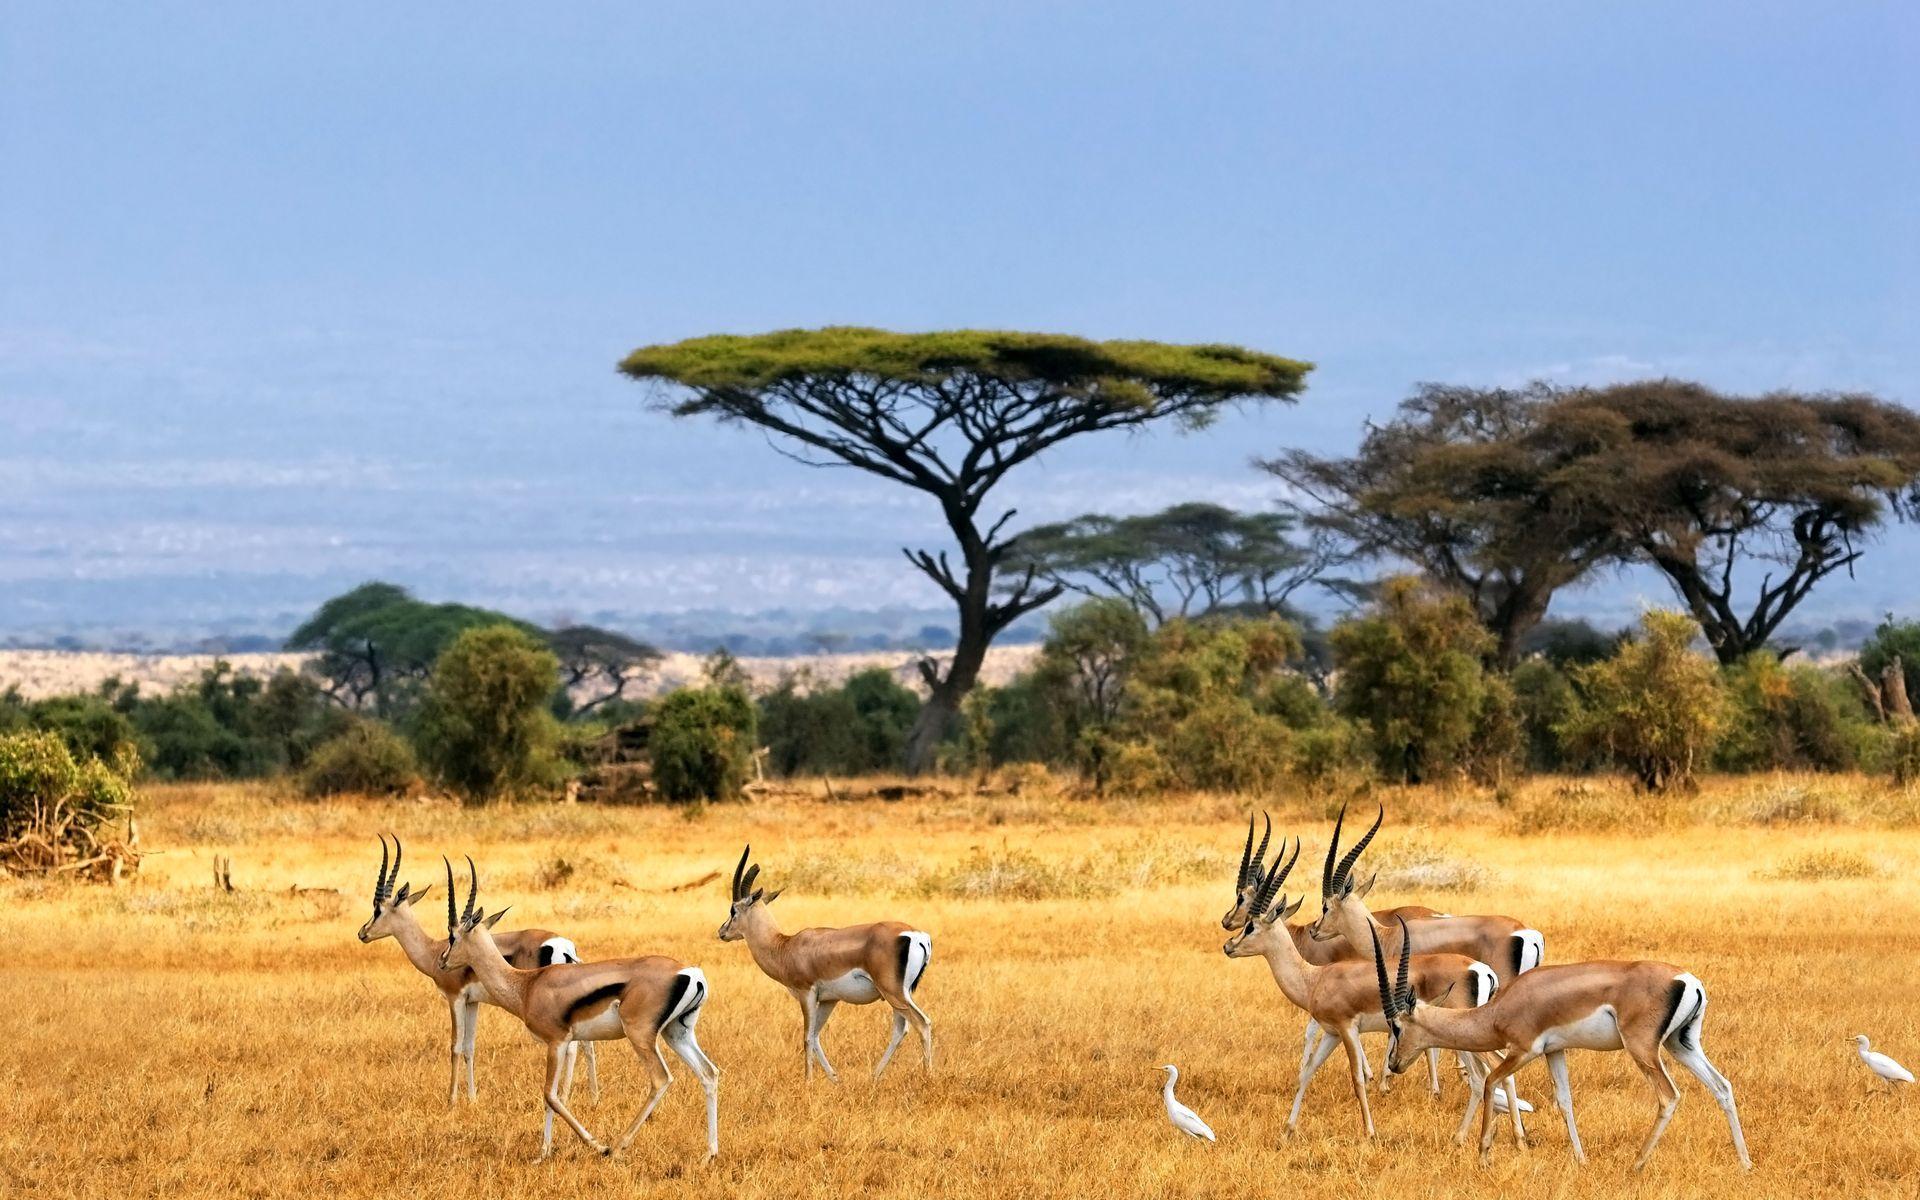 African Safari Wallpaper - iBackgroundWallpaper